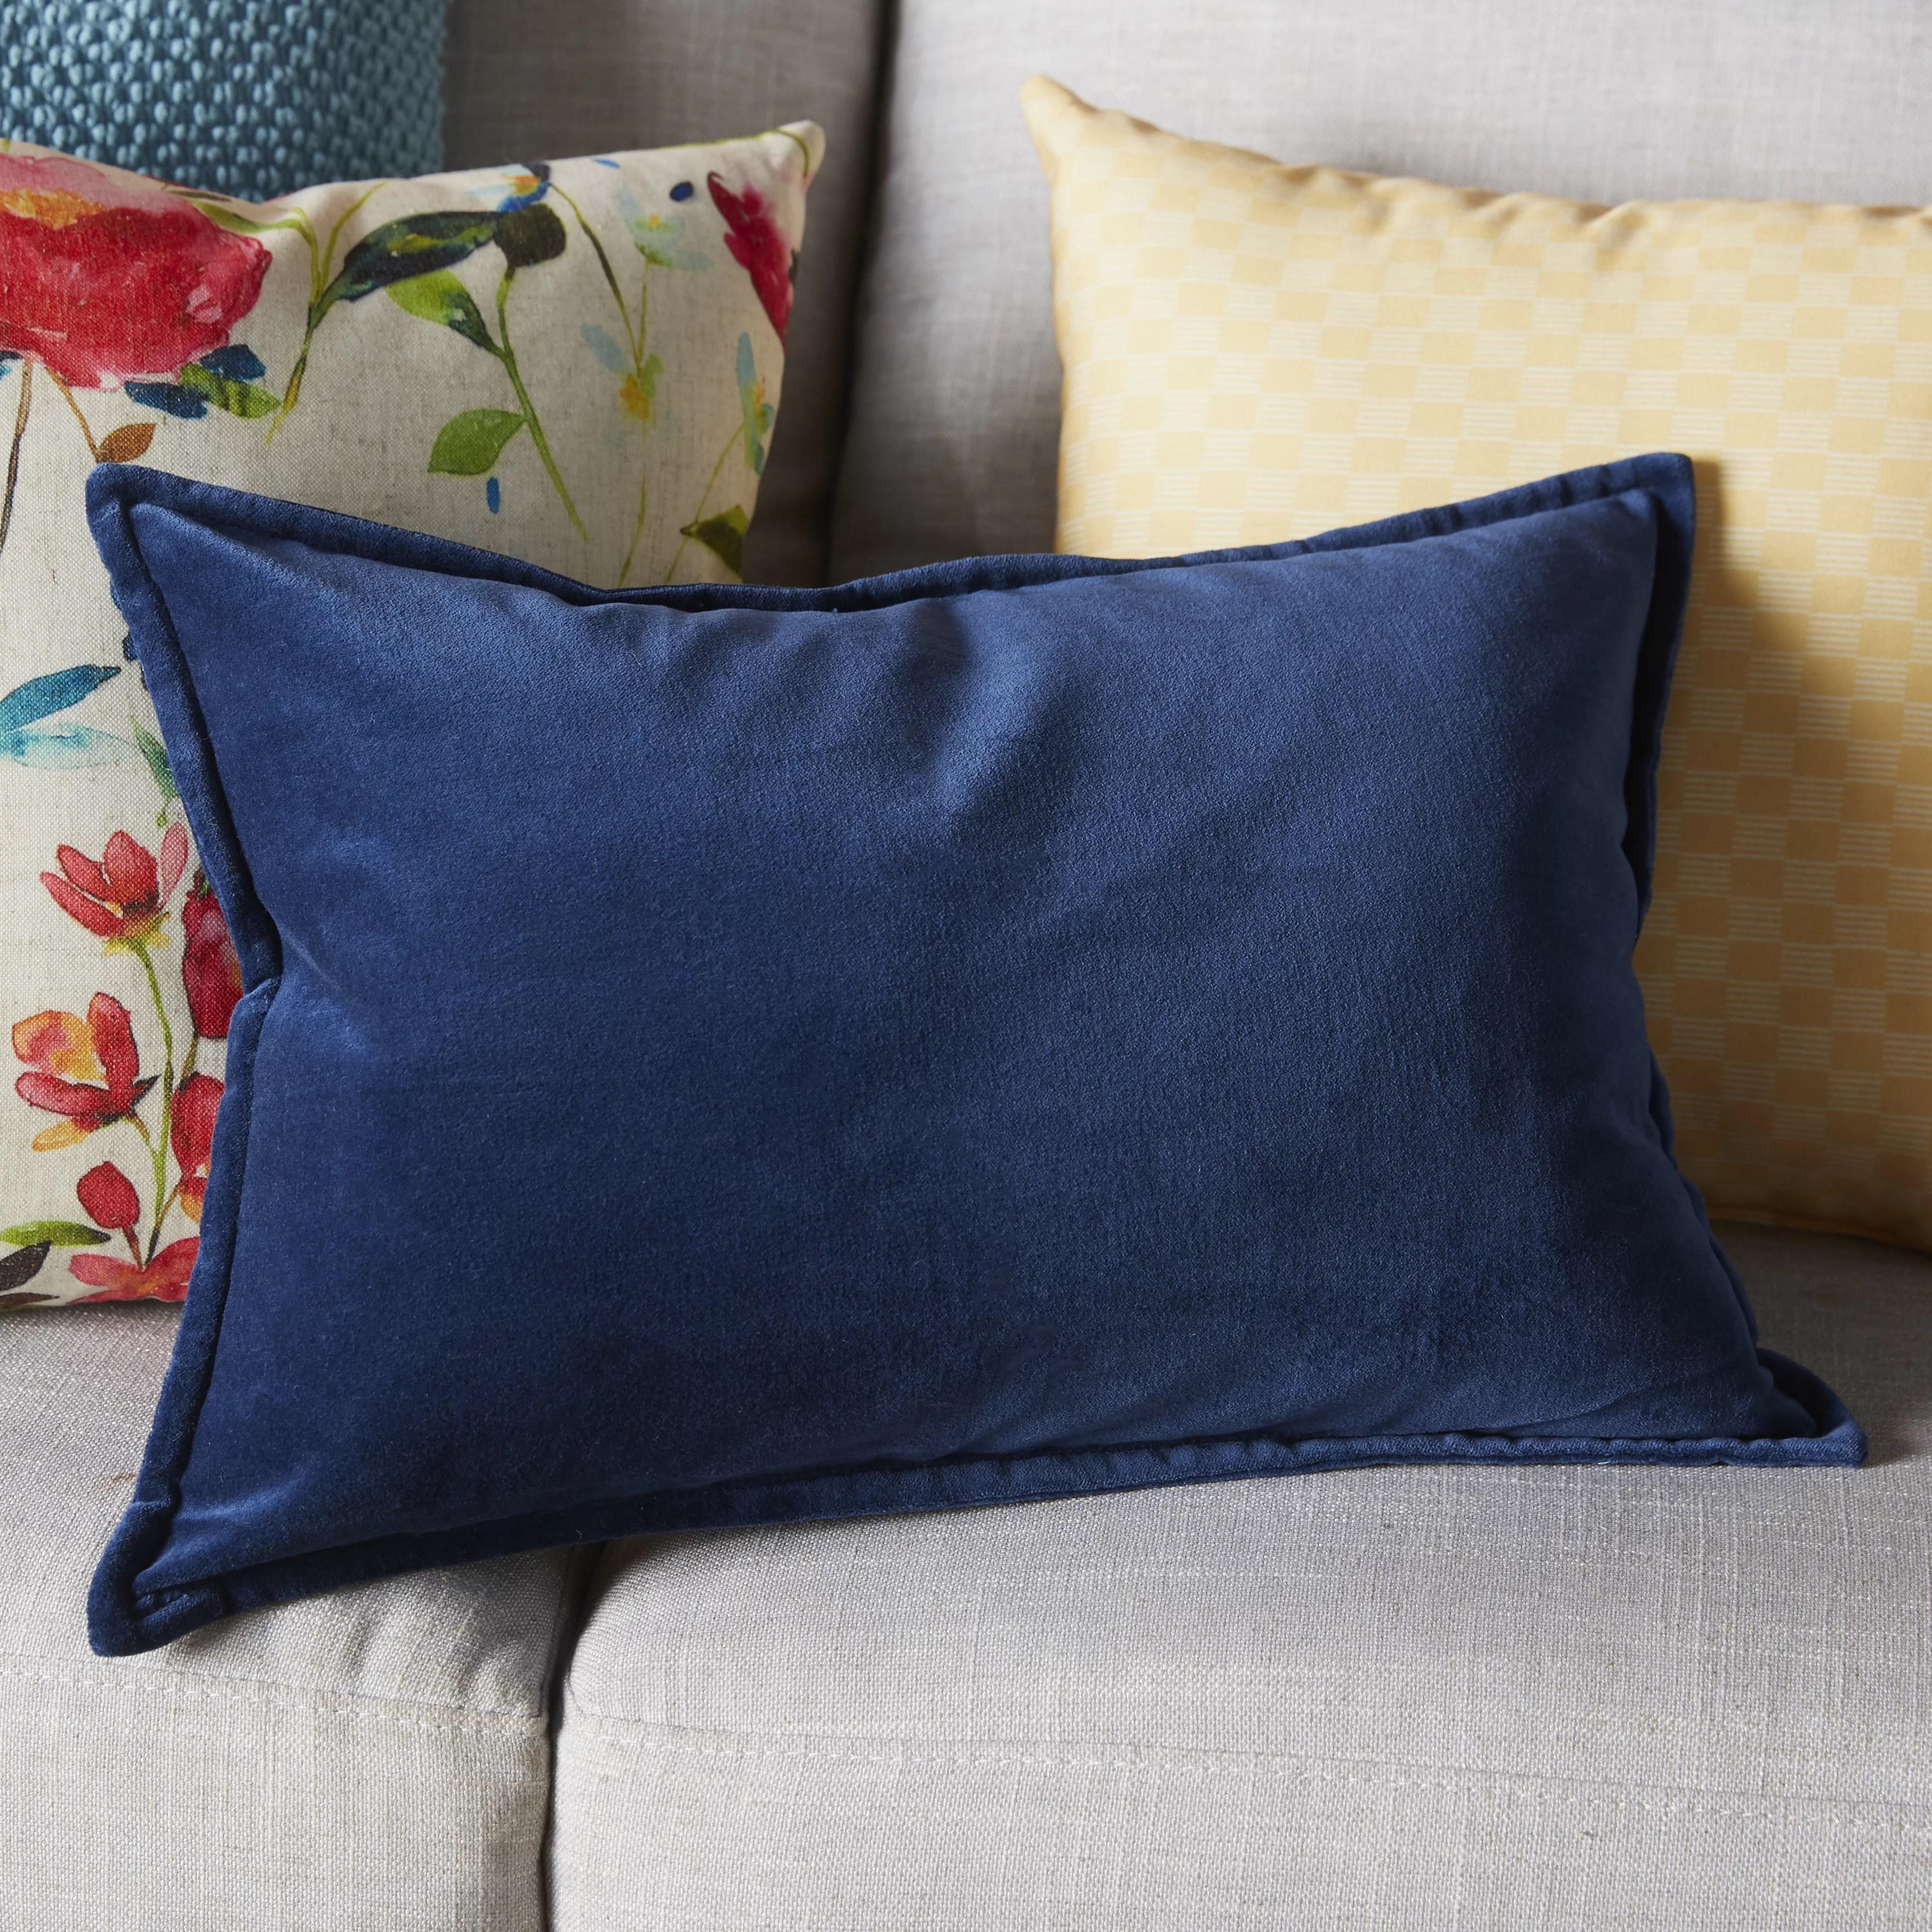 Extended Black Friday Sale On Throw Pillows Wayfair